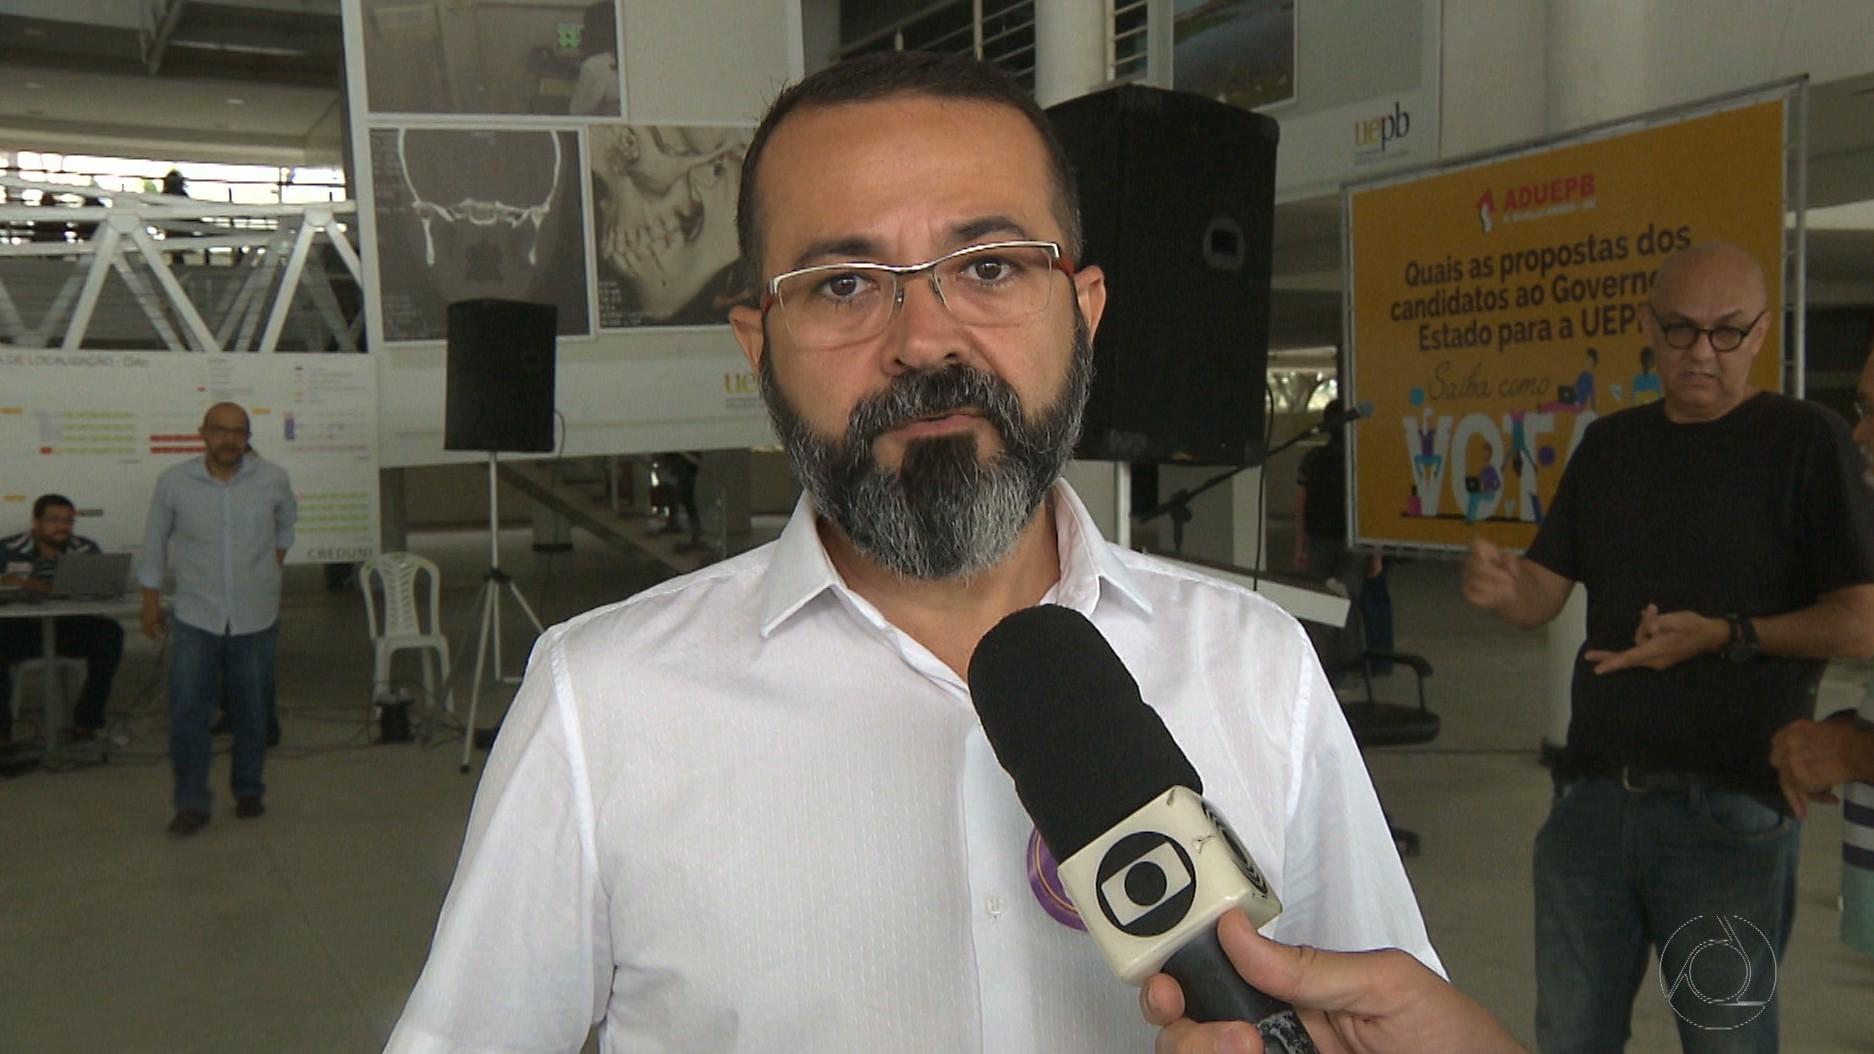 Tárcio Teixeira promete repassar duodécimos e fortalecer a UEPB - Radio Evangelho Gospel